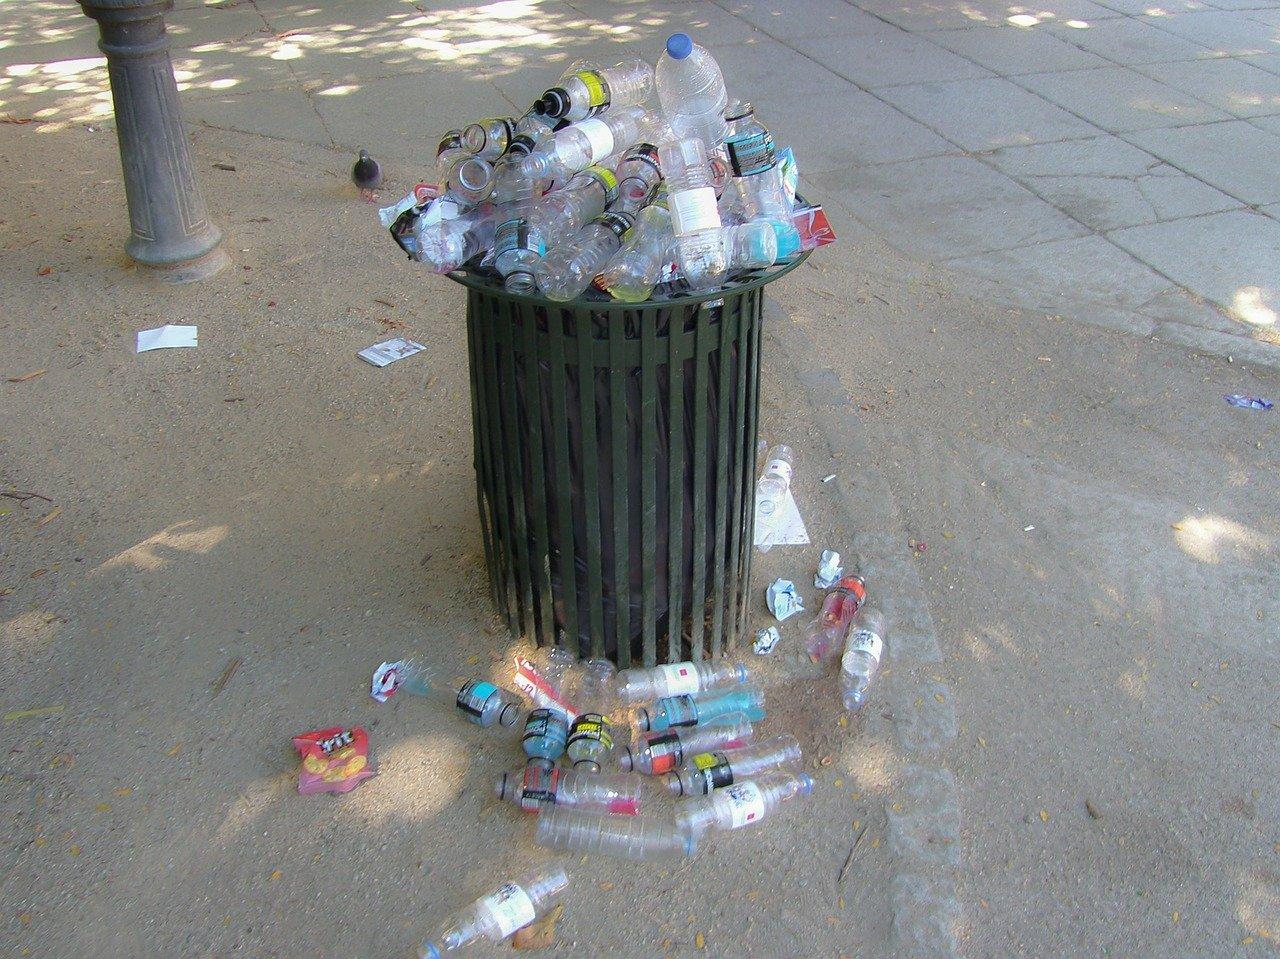 México es líder en generación de residuos en América Latina: ANIPAC